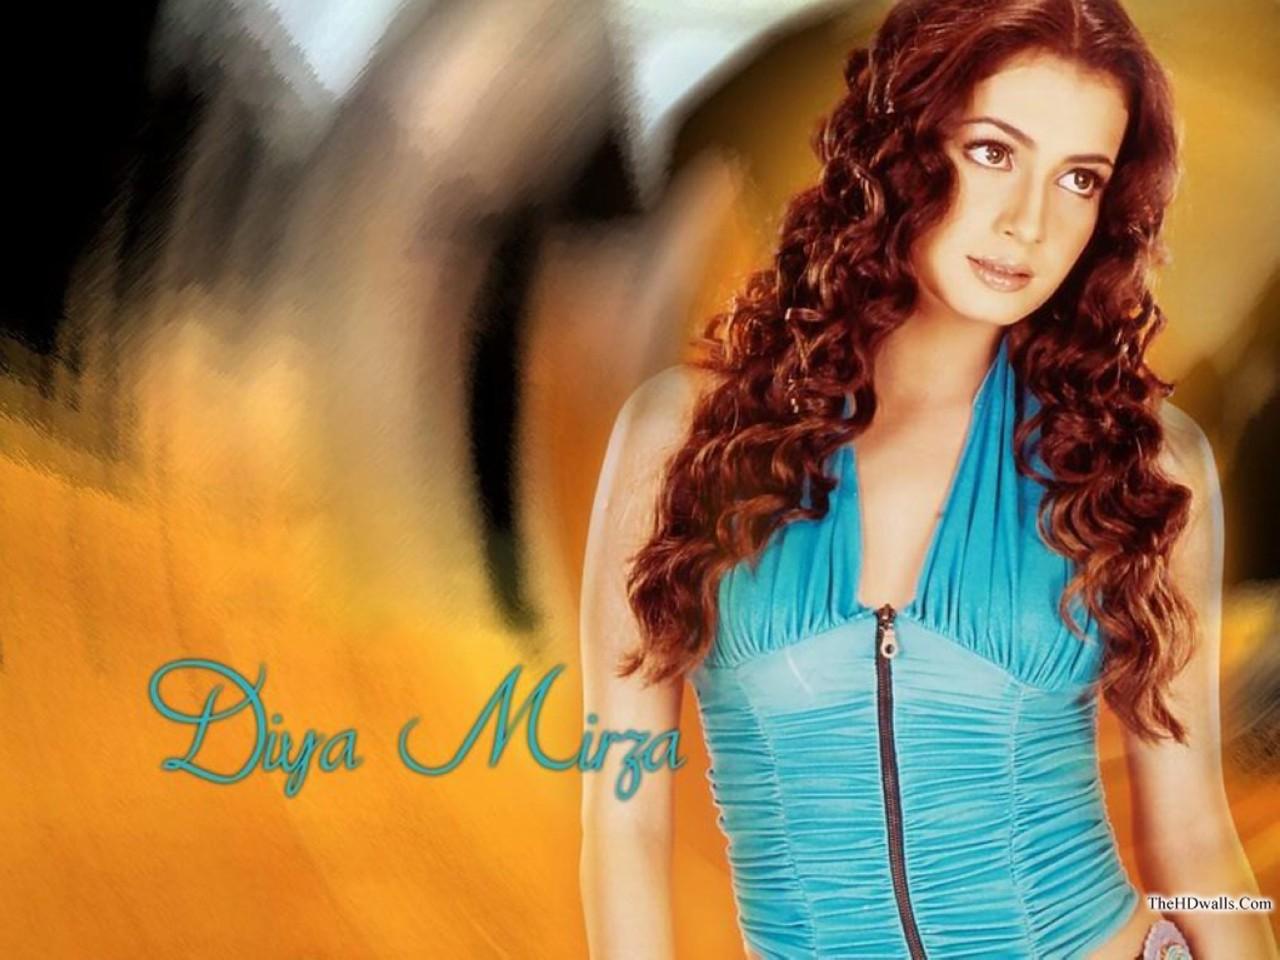 Bollywood Diya Mirza Wallpapers Adkvnbr6